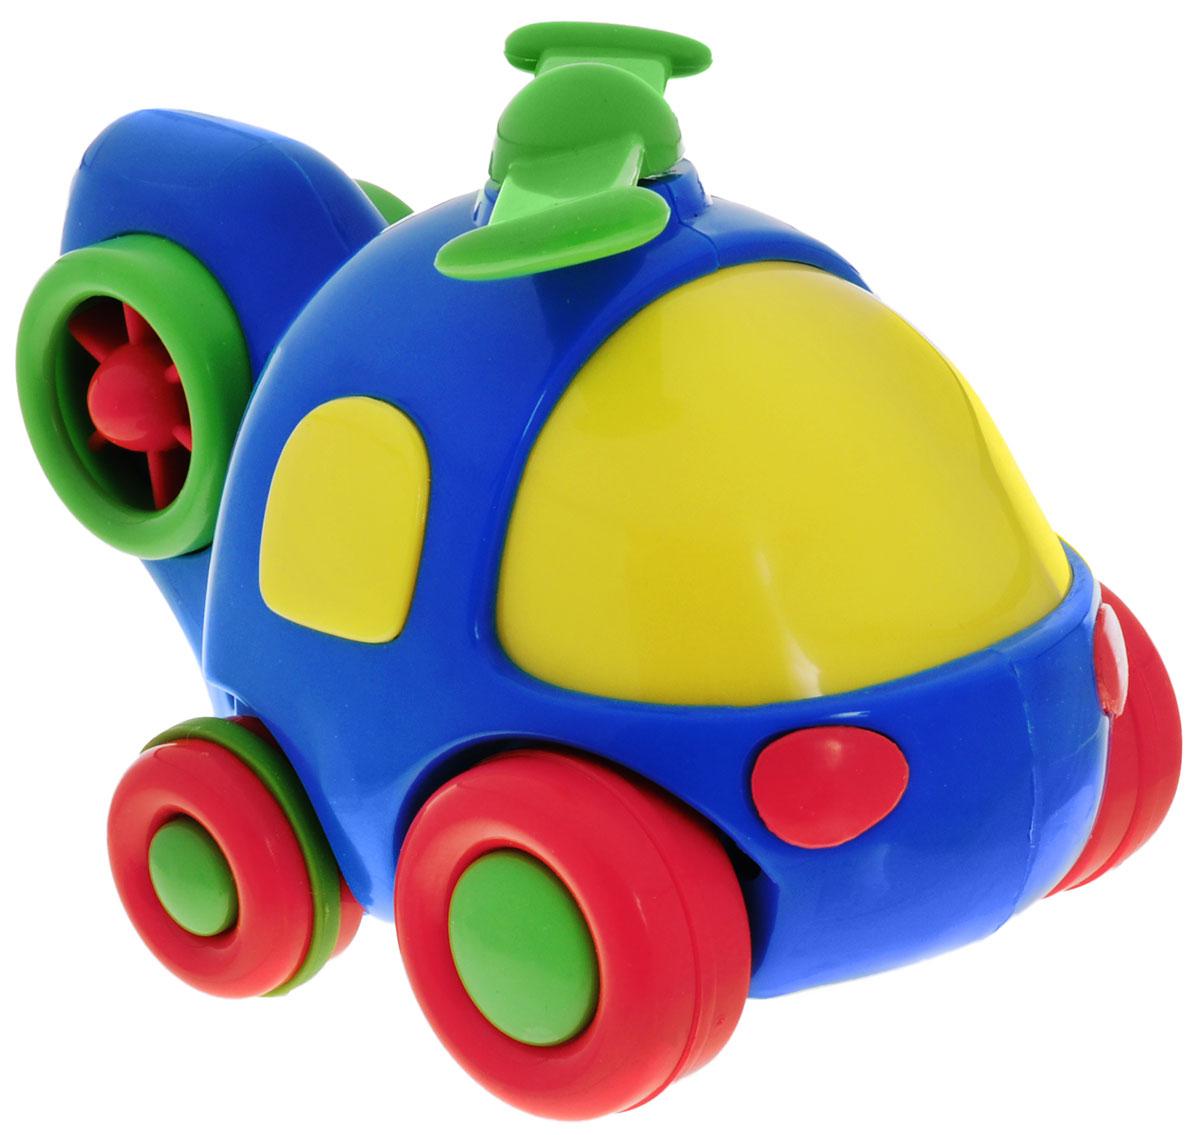 Simba Вертолет инерционный цвет синий4015832_синий вертолетЯркая игрушка Simba Вертолет привлечет внимание вашего малыша и не позволит ему скучать! Выполненная из безопасного пластика, игрушка представляет собой забавный вертолет. Округлые без острых углов формы гарантируют безопасность даже самым маленьким. Для запуска, установите игрушку на поверхность, оттяните ее назад или прокатите вперед и отпустите, игрушка продолжит движение. Во время движения пропеллер начинает вращаться. Инерционная игрушка Вертолет поможет ребенку в развитии воображения, мелкой моторики рук, концентрации внимания и цветового восприятия.